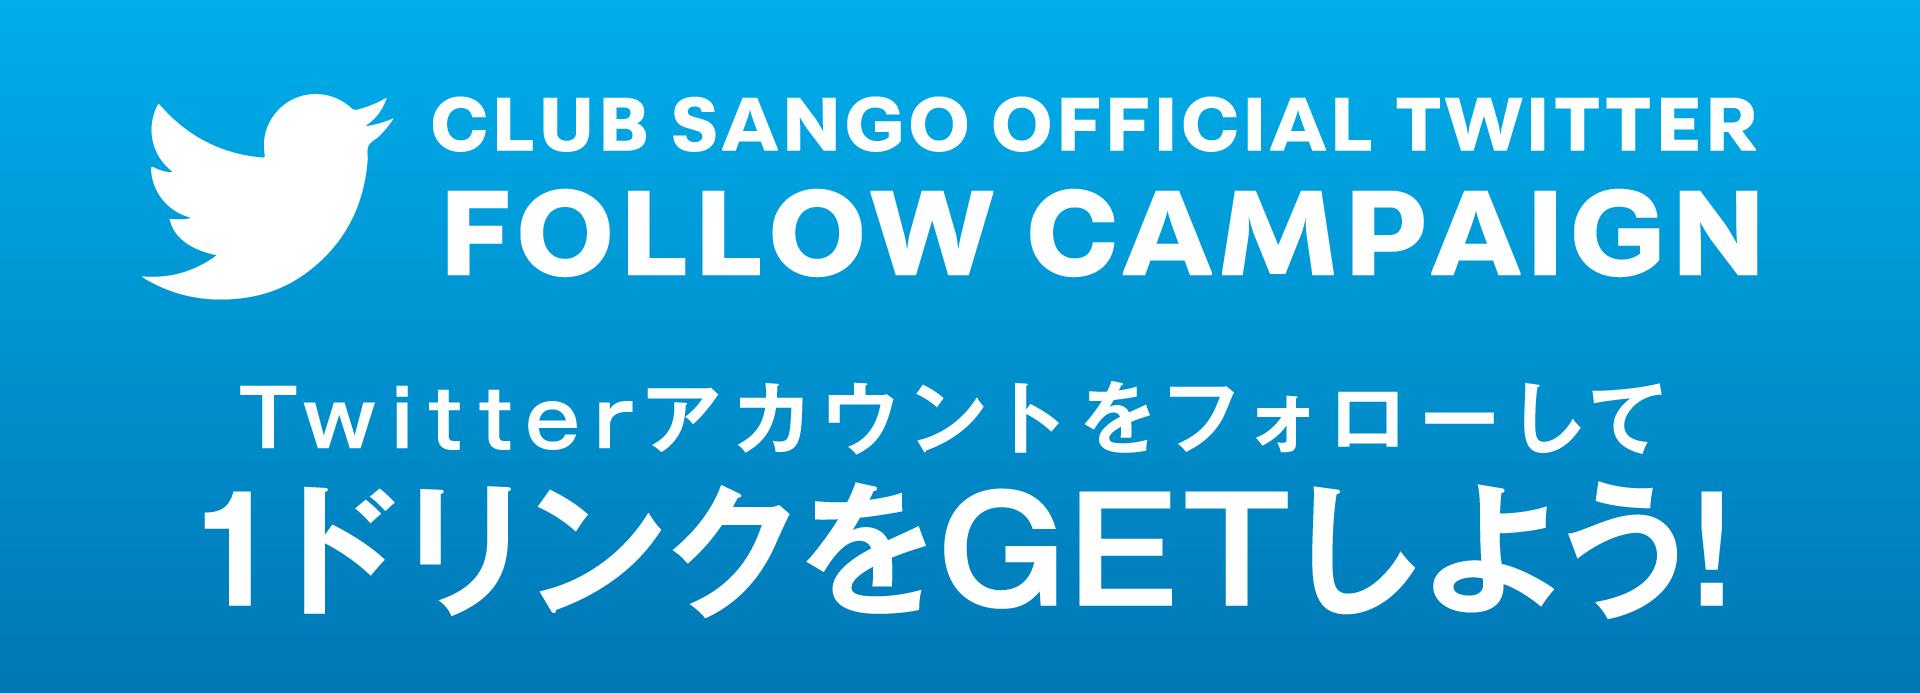 SANGOの公式Twitterアカウントが新しくなりました!